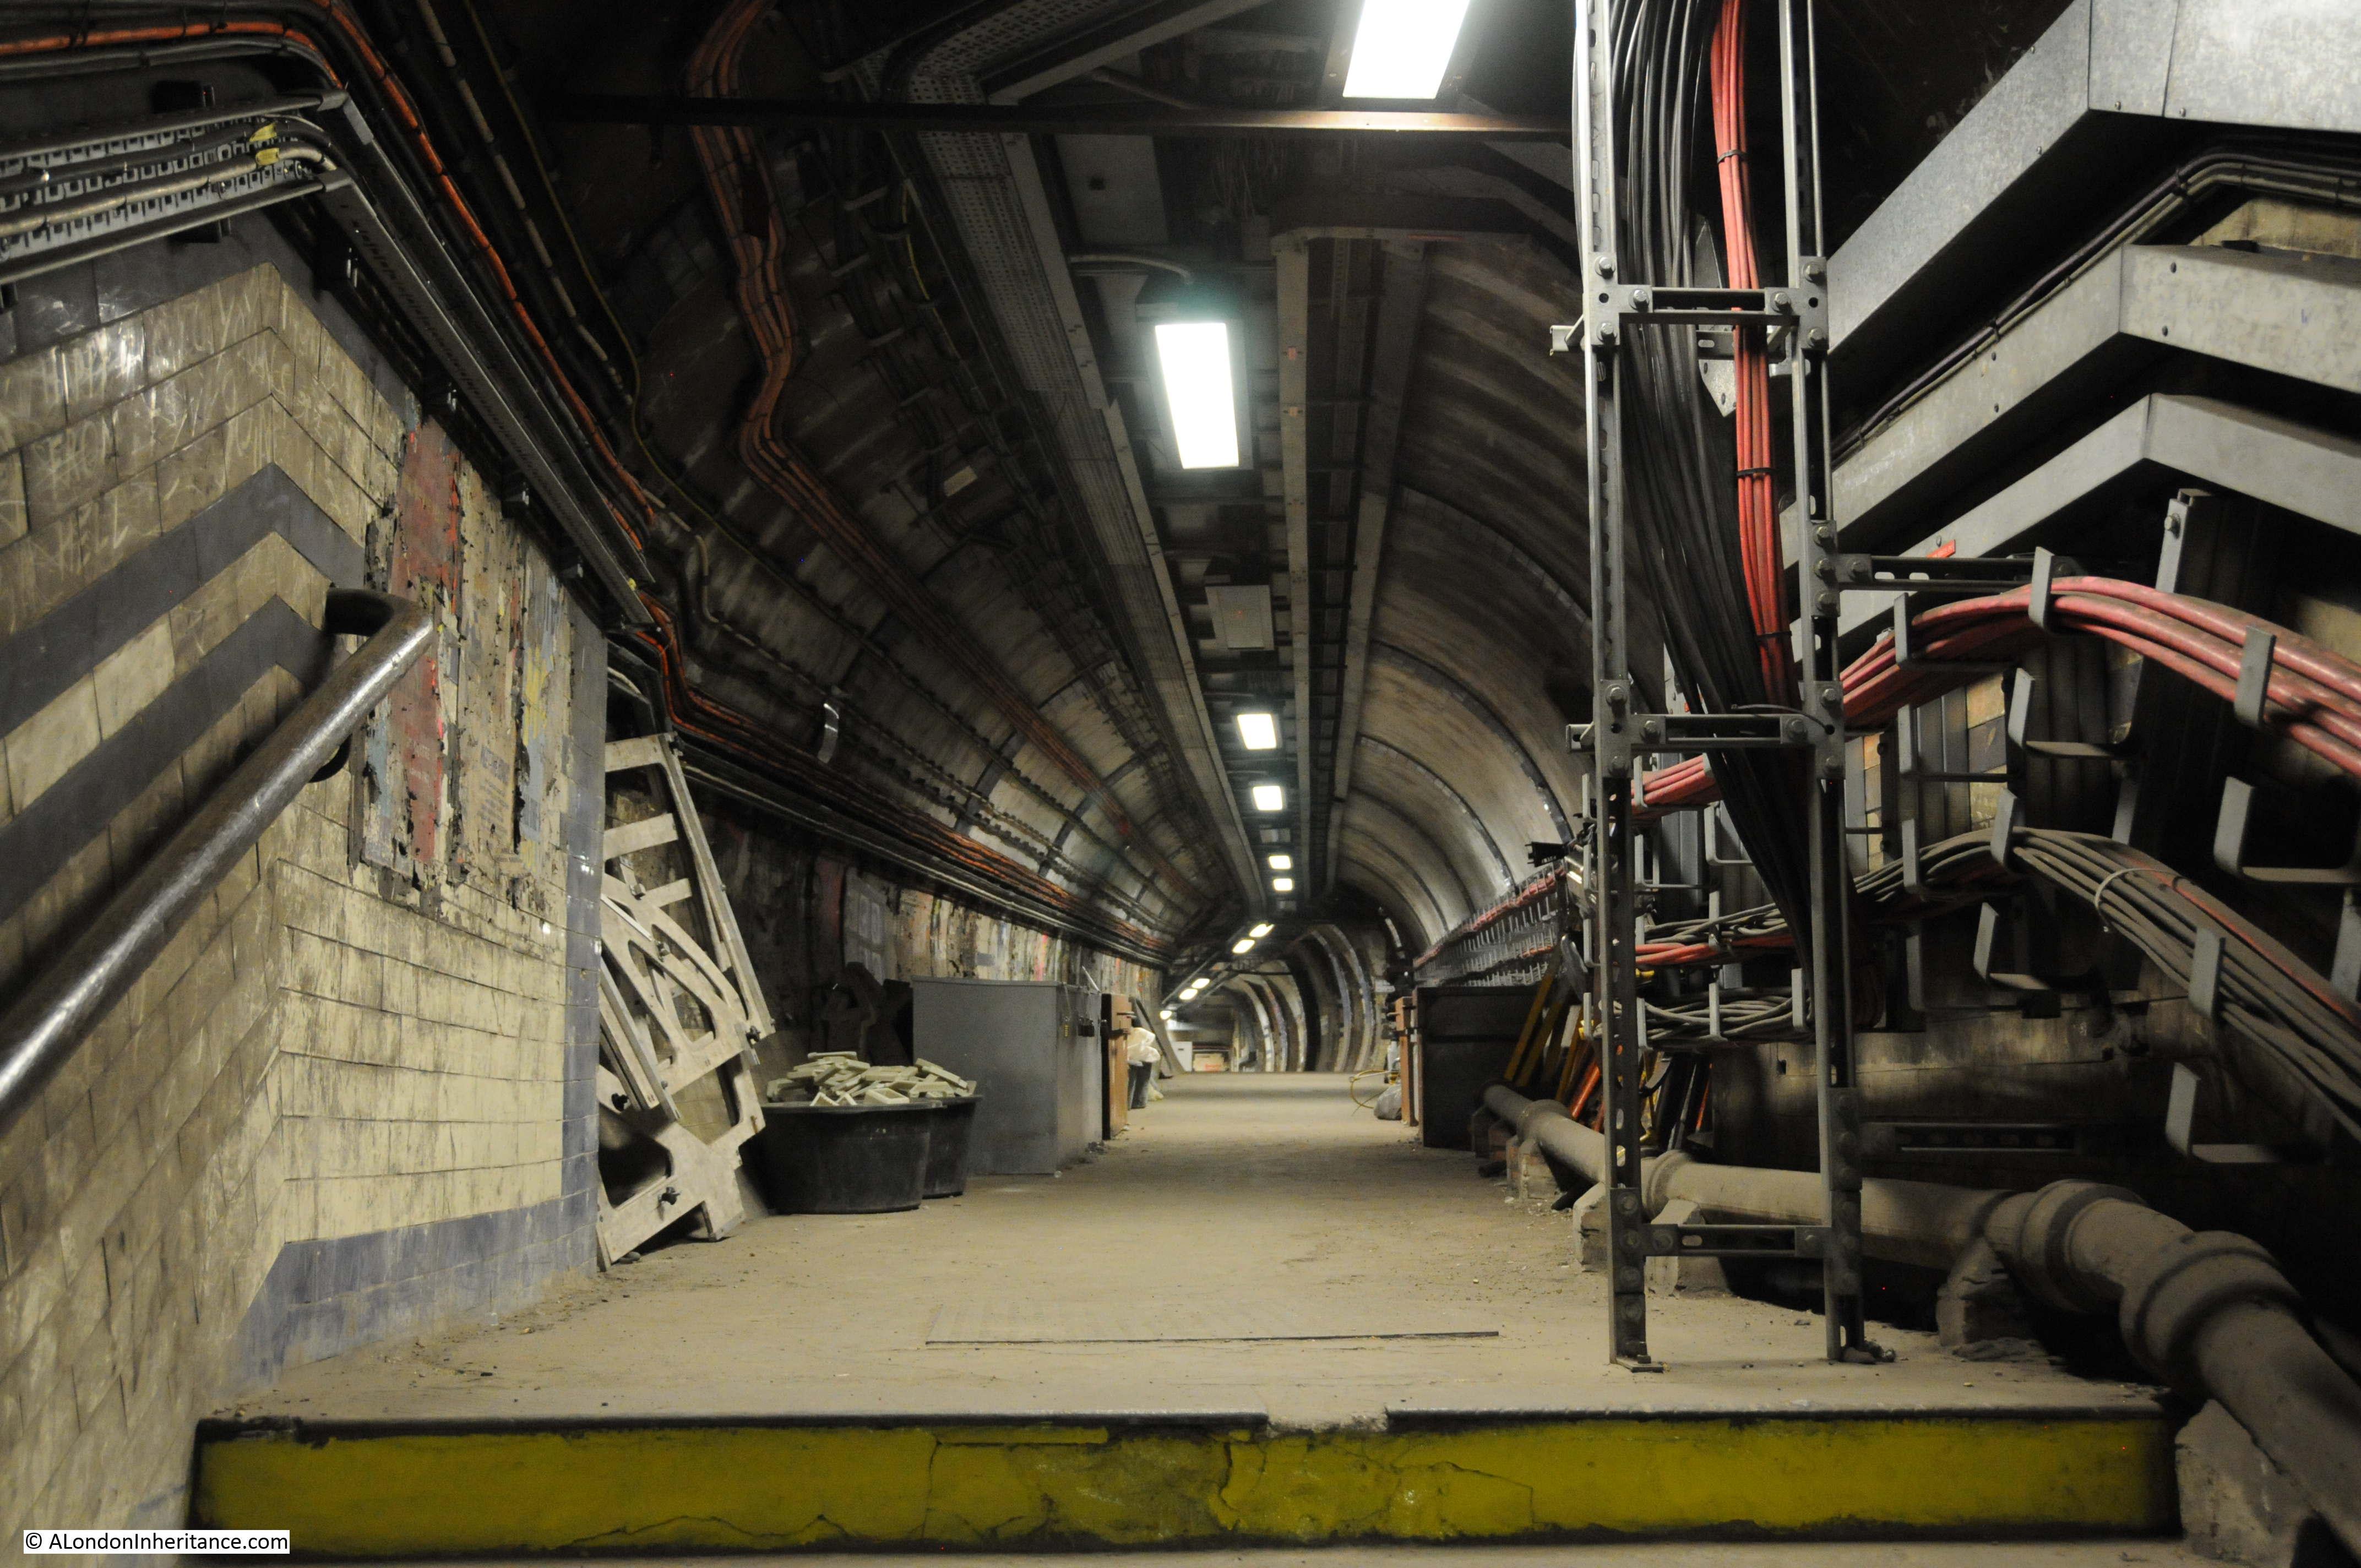 Liverpool Underground Tunnels Tours